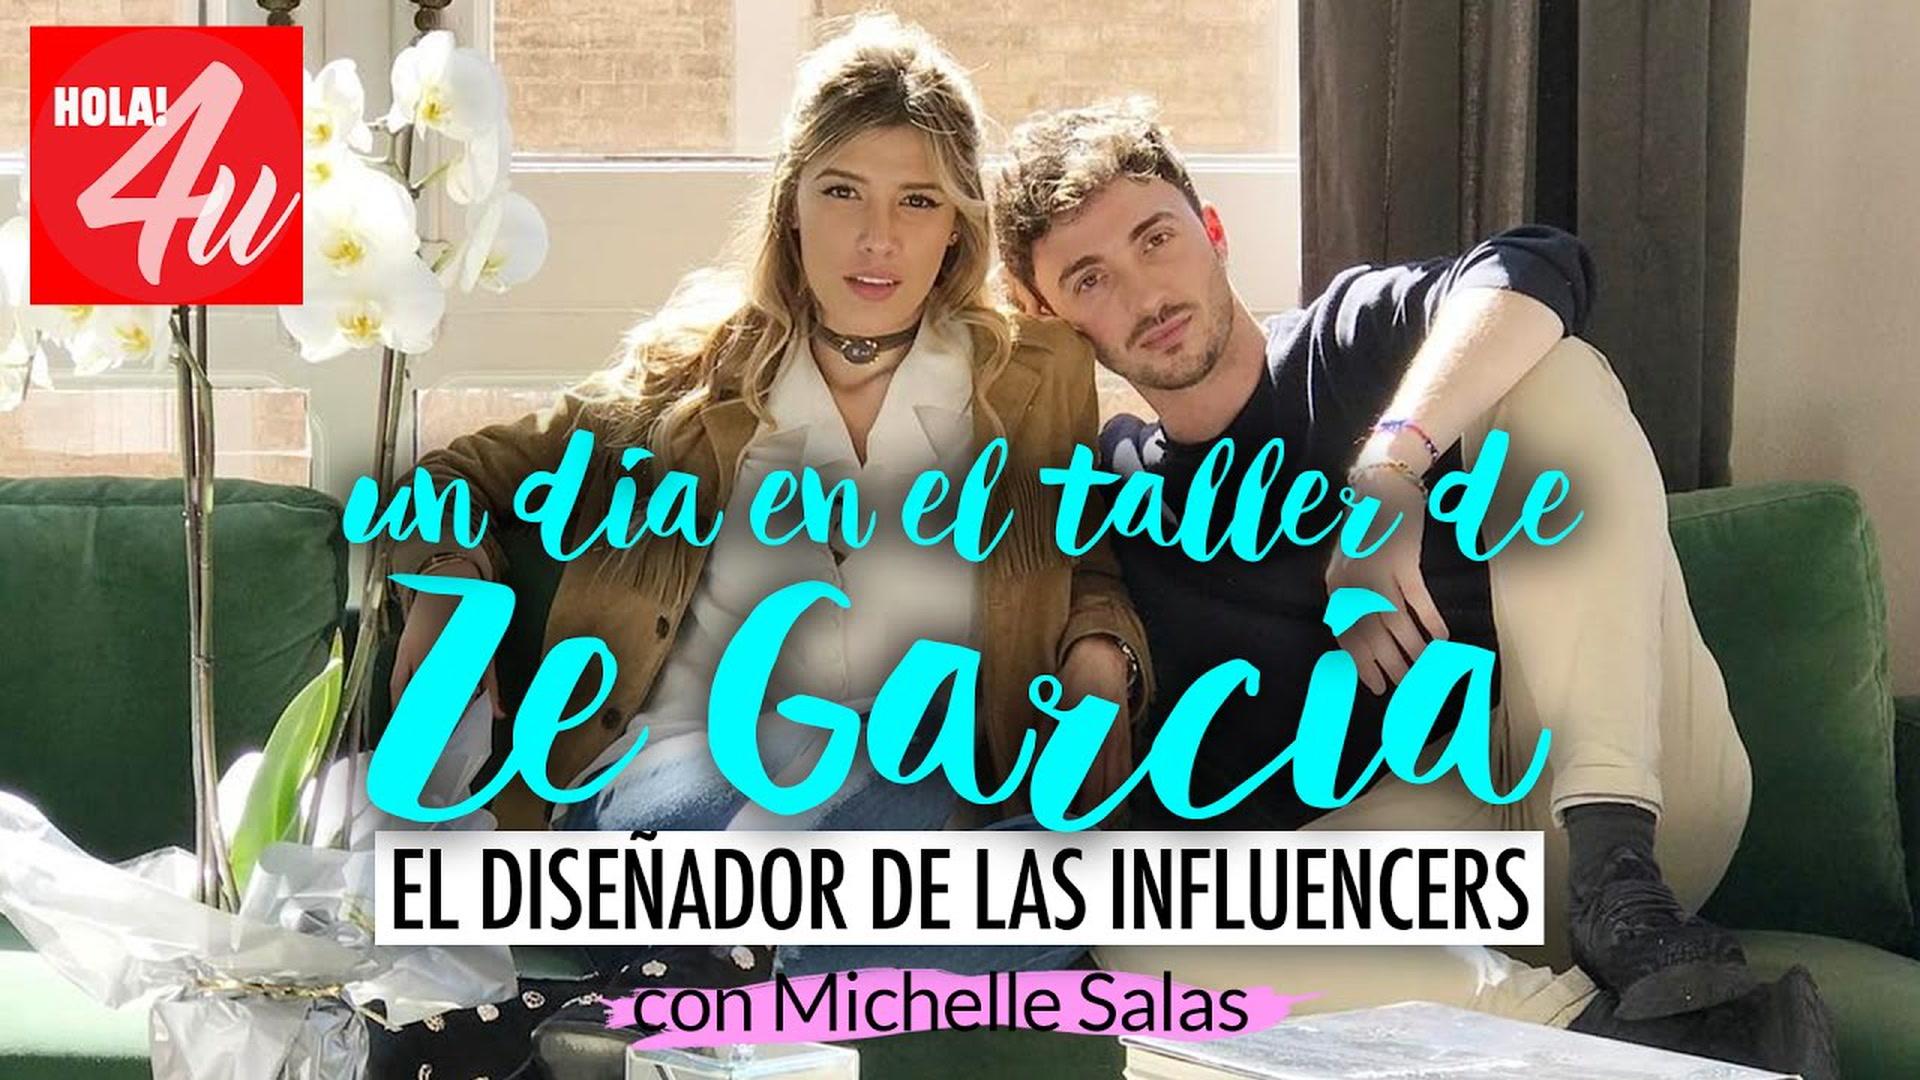 Un día en el taller de Ze García, el diseñador de las 'influencers'